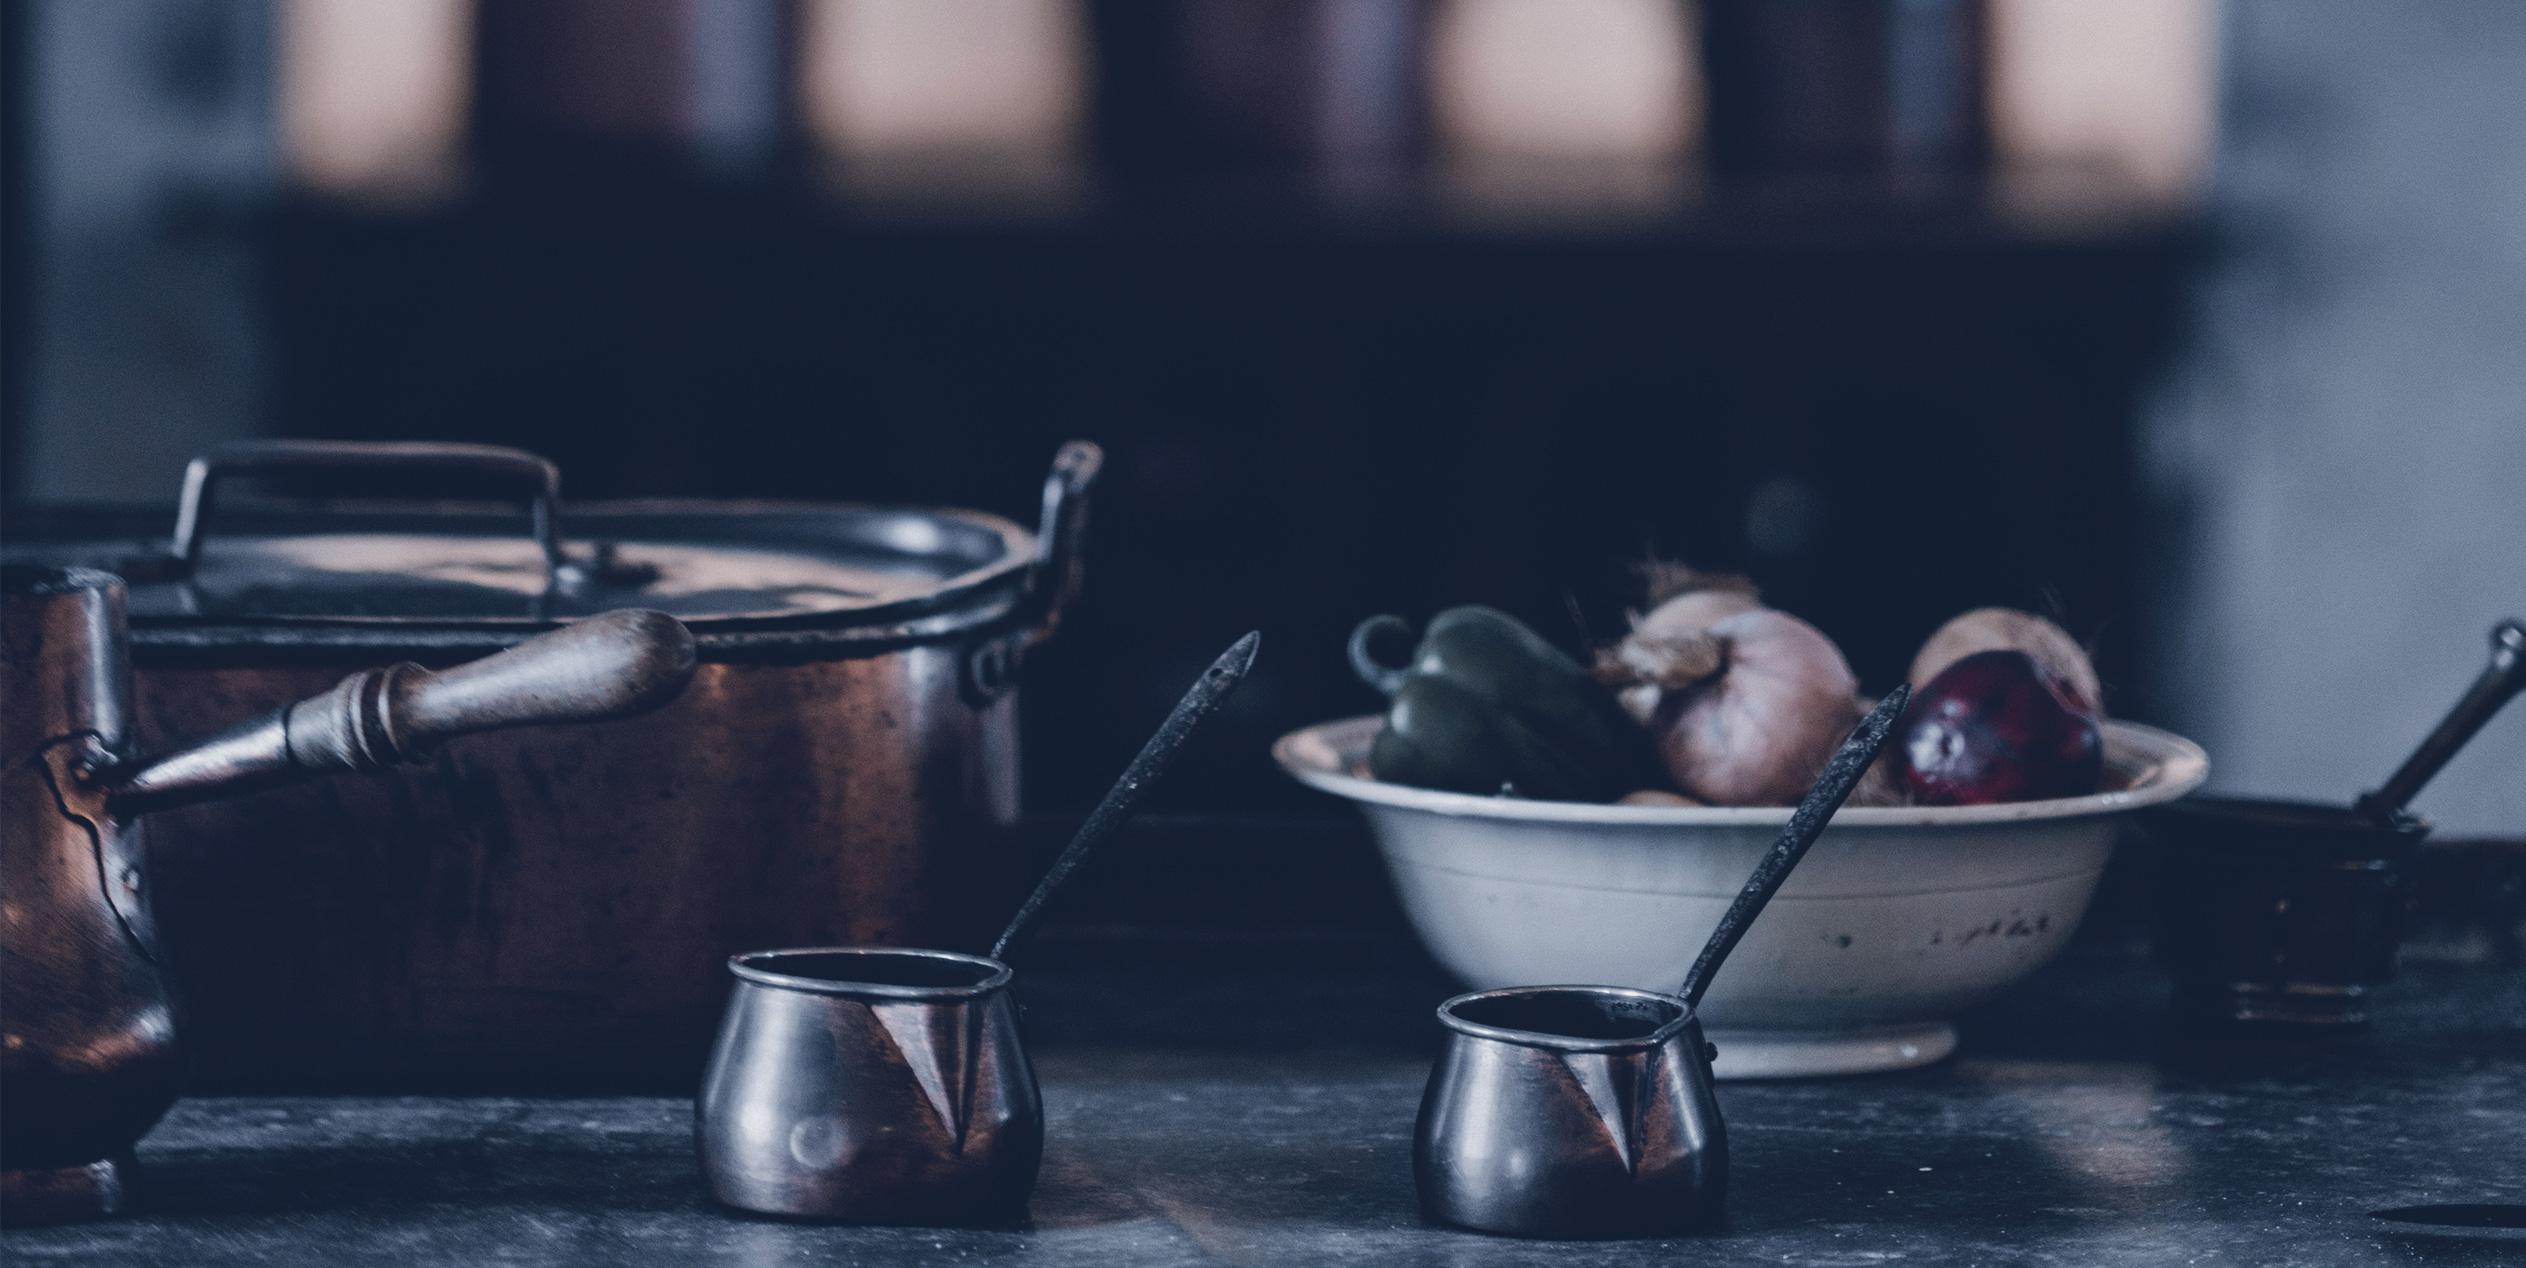 tecnicas-de-coccion-combinadas-repagas-destacado